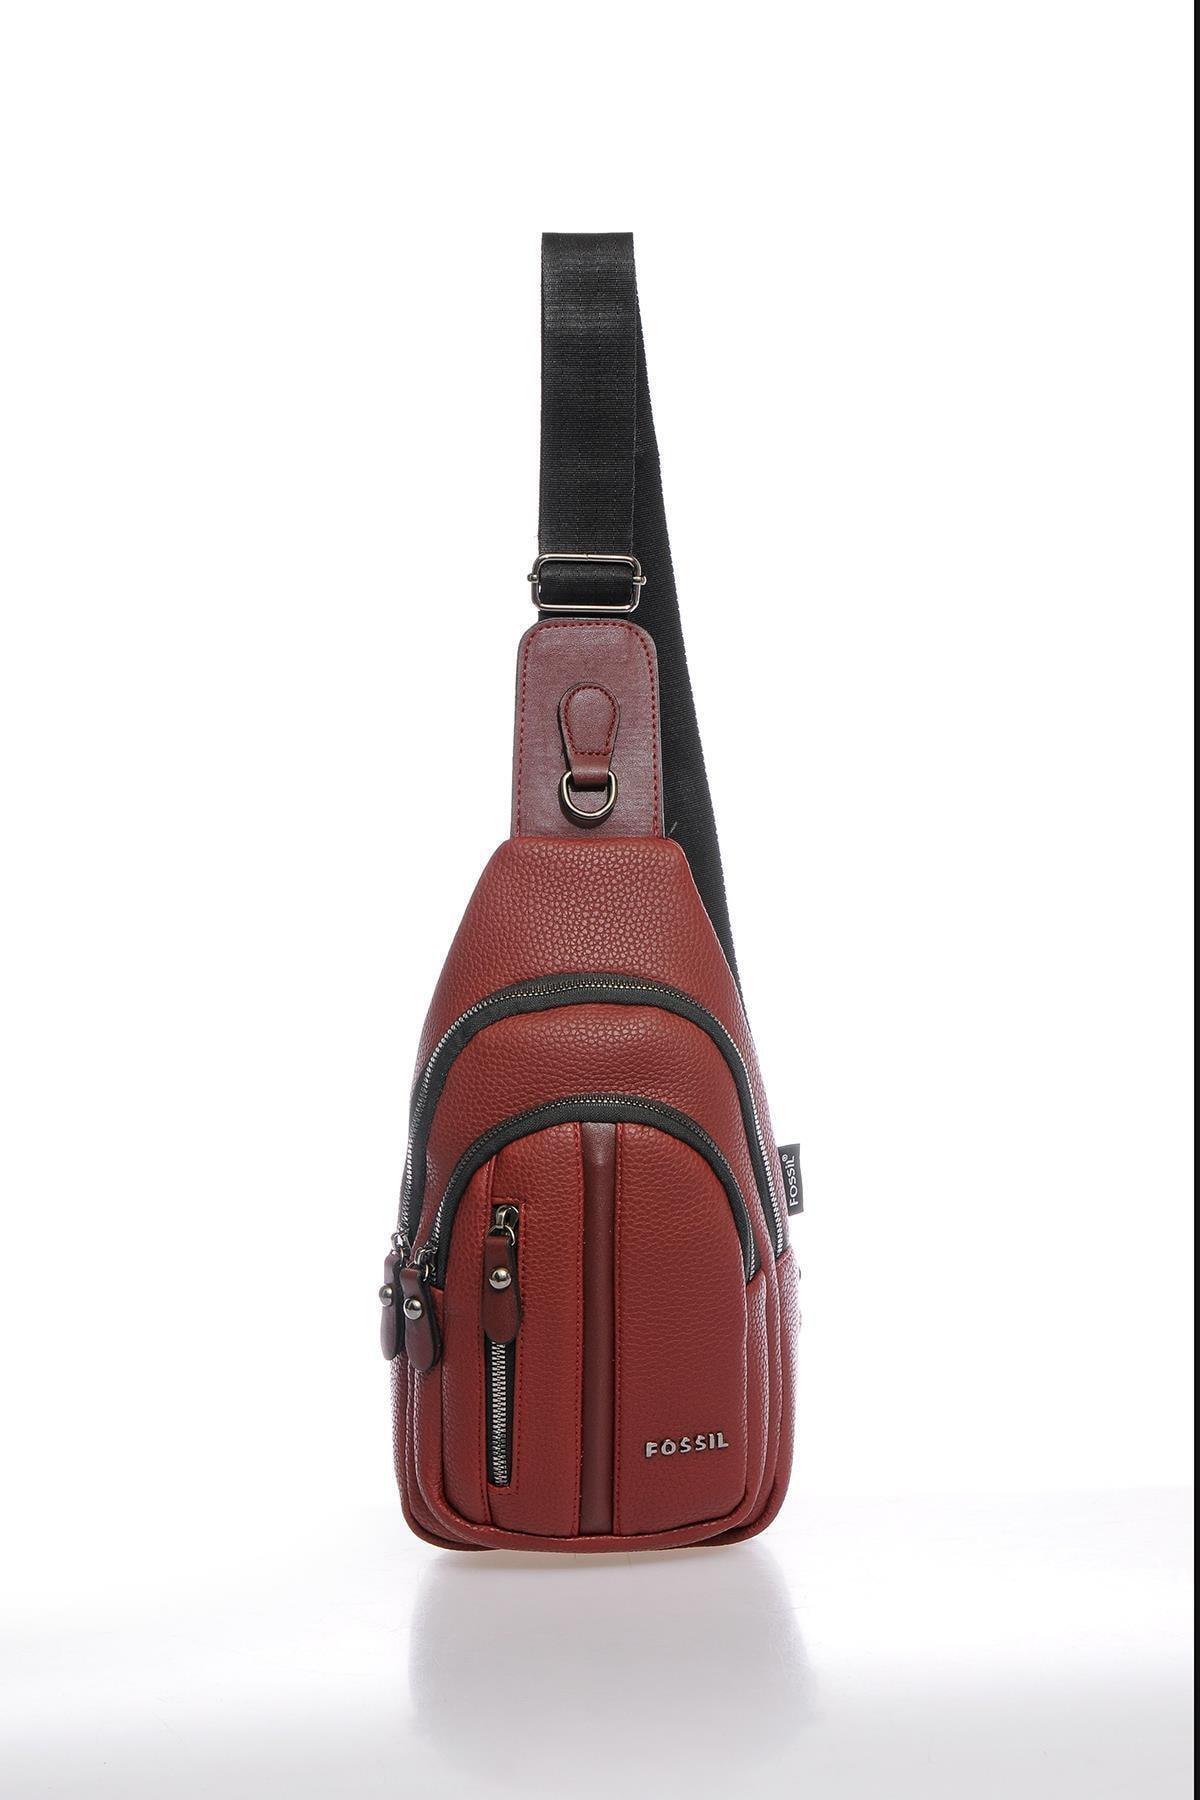 Fossil Fscr064697 Bordo Unisex Body Bag 1